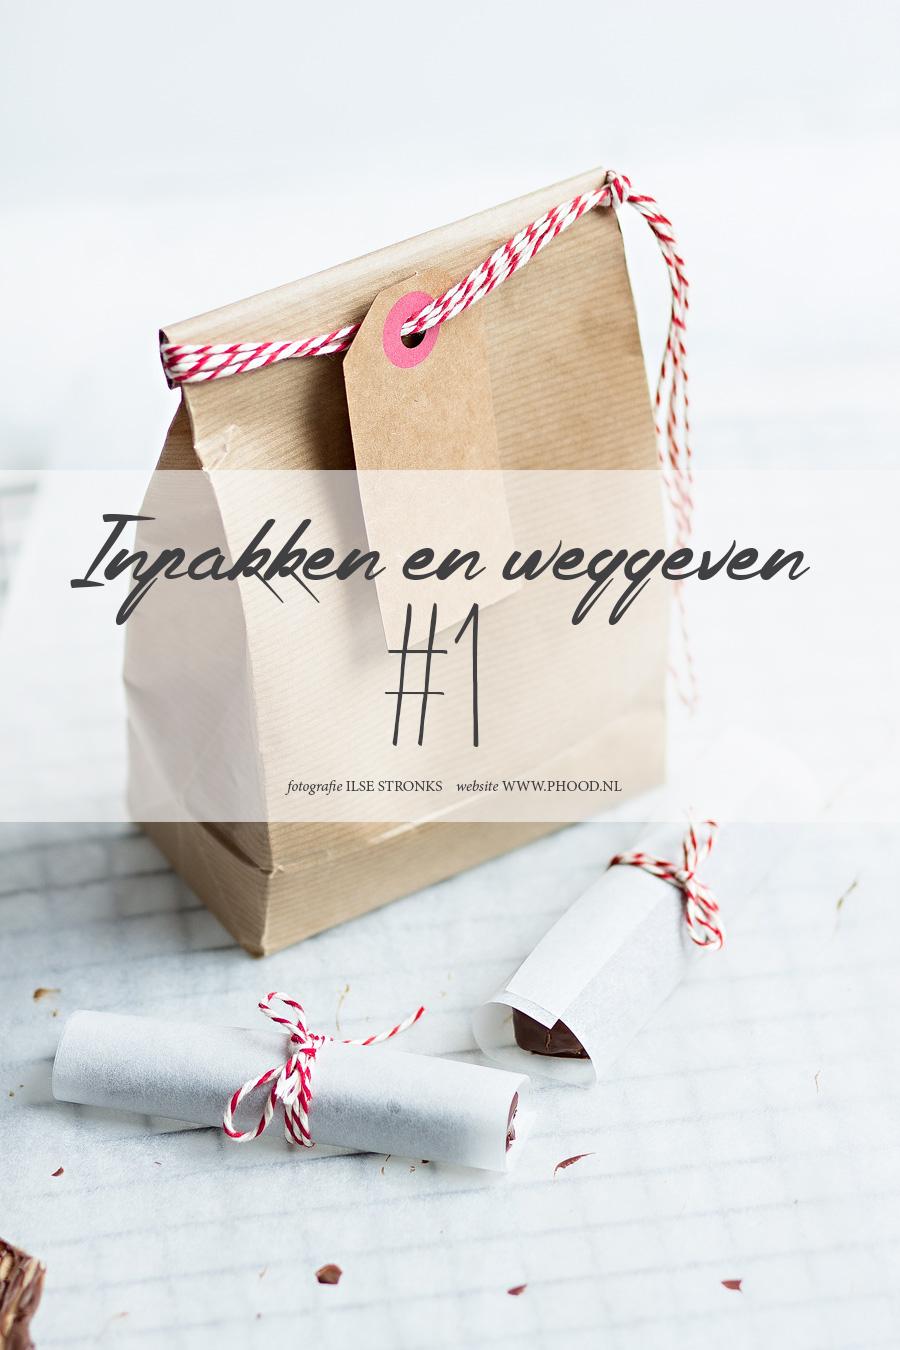 Inpakken en weggeven 1